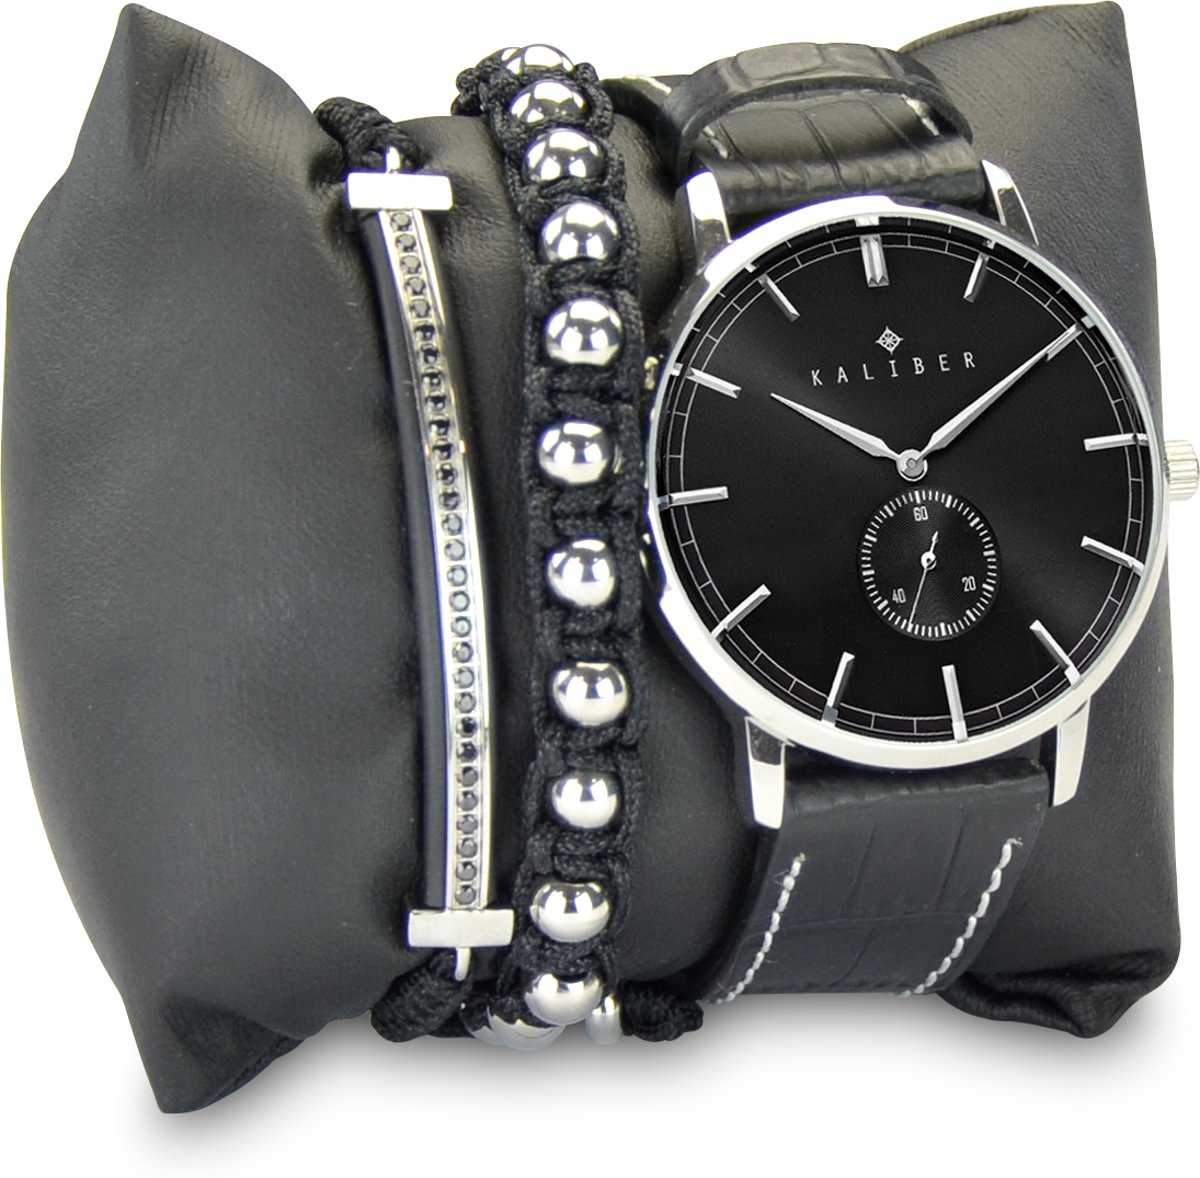 Kaliber 7KA SET001 Horloge Set met Armbanden - Leren Band - Ø 40 mm - Zwart / Zilverkleurig kopen